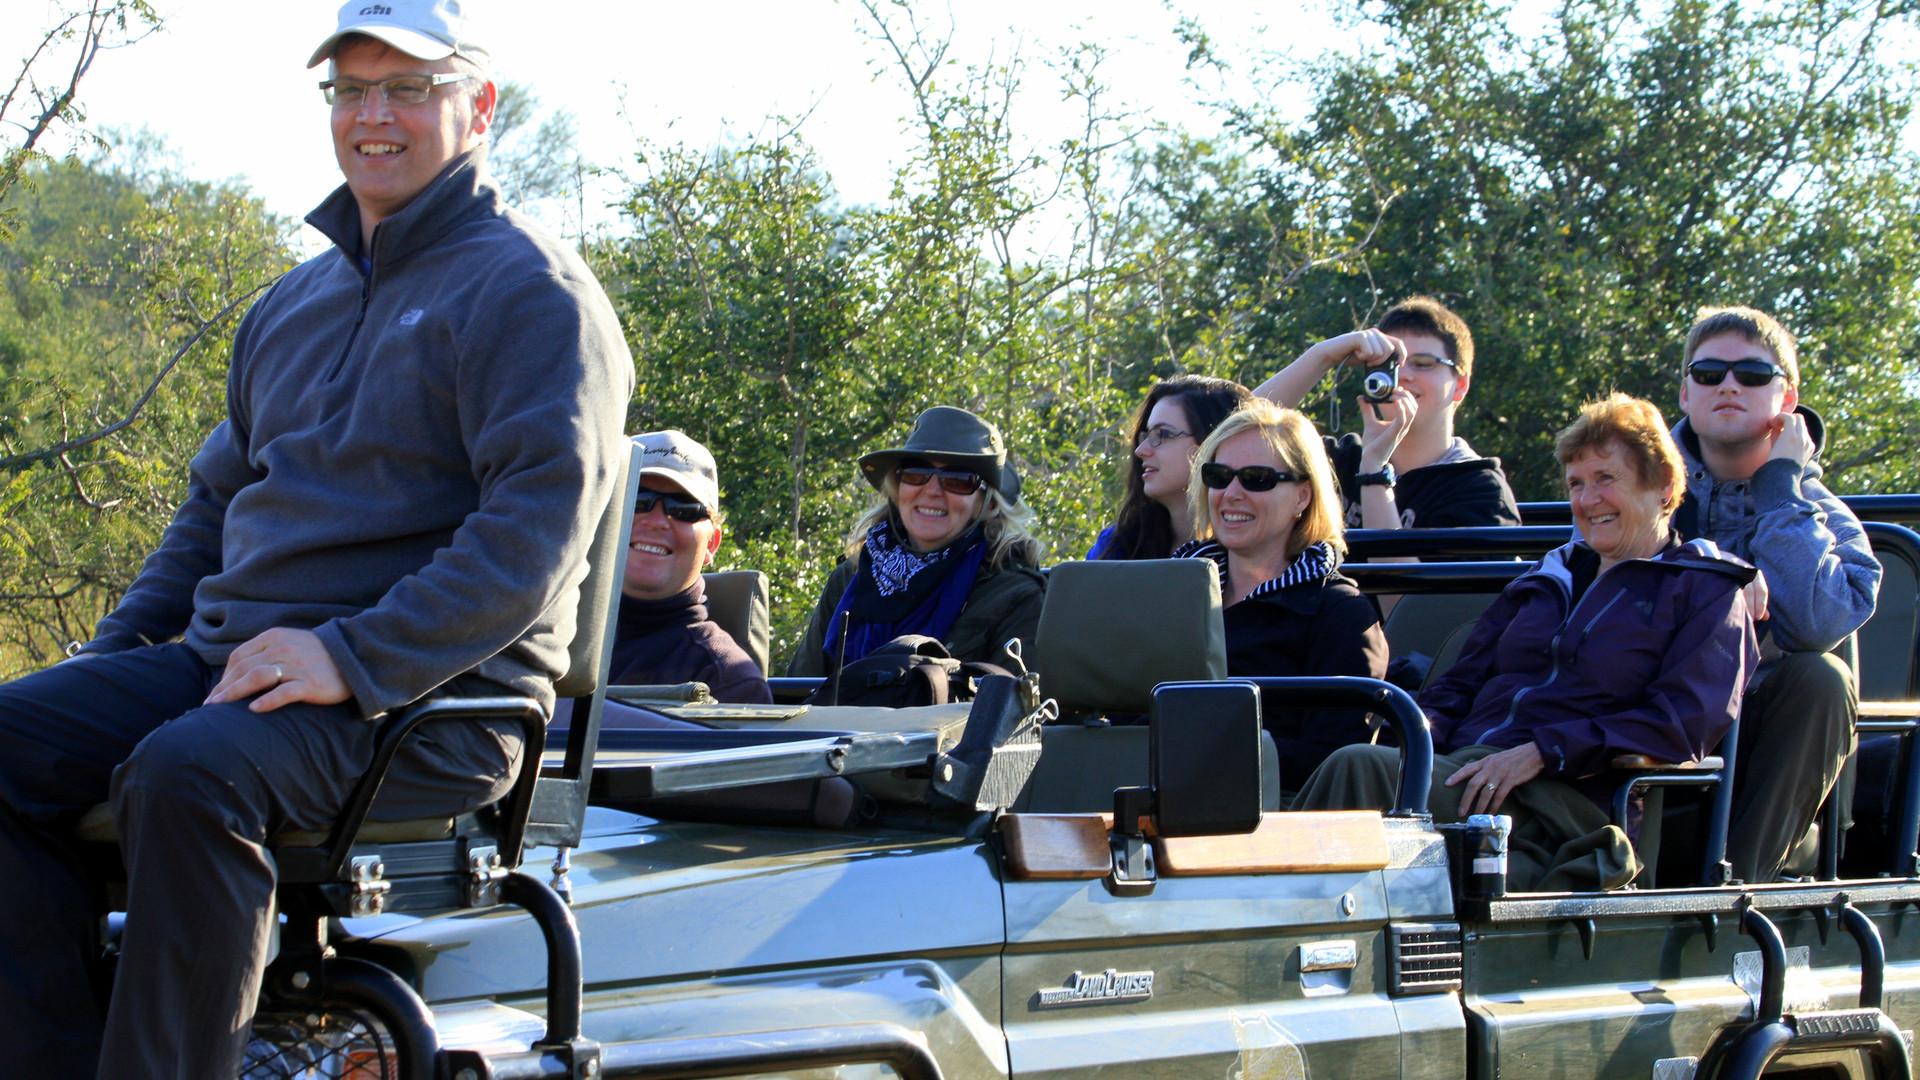 Denis Morris (Team Diabetes Member) & Family on Safari